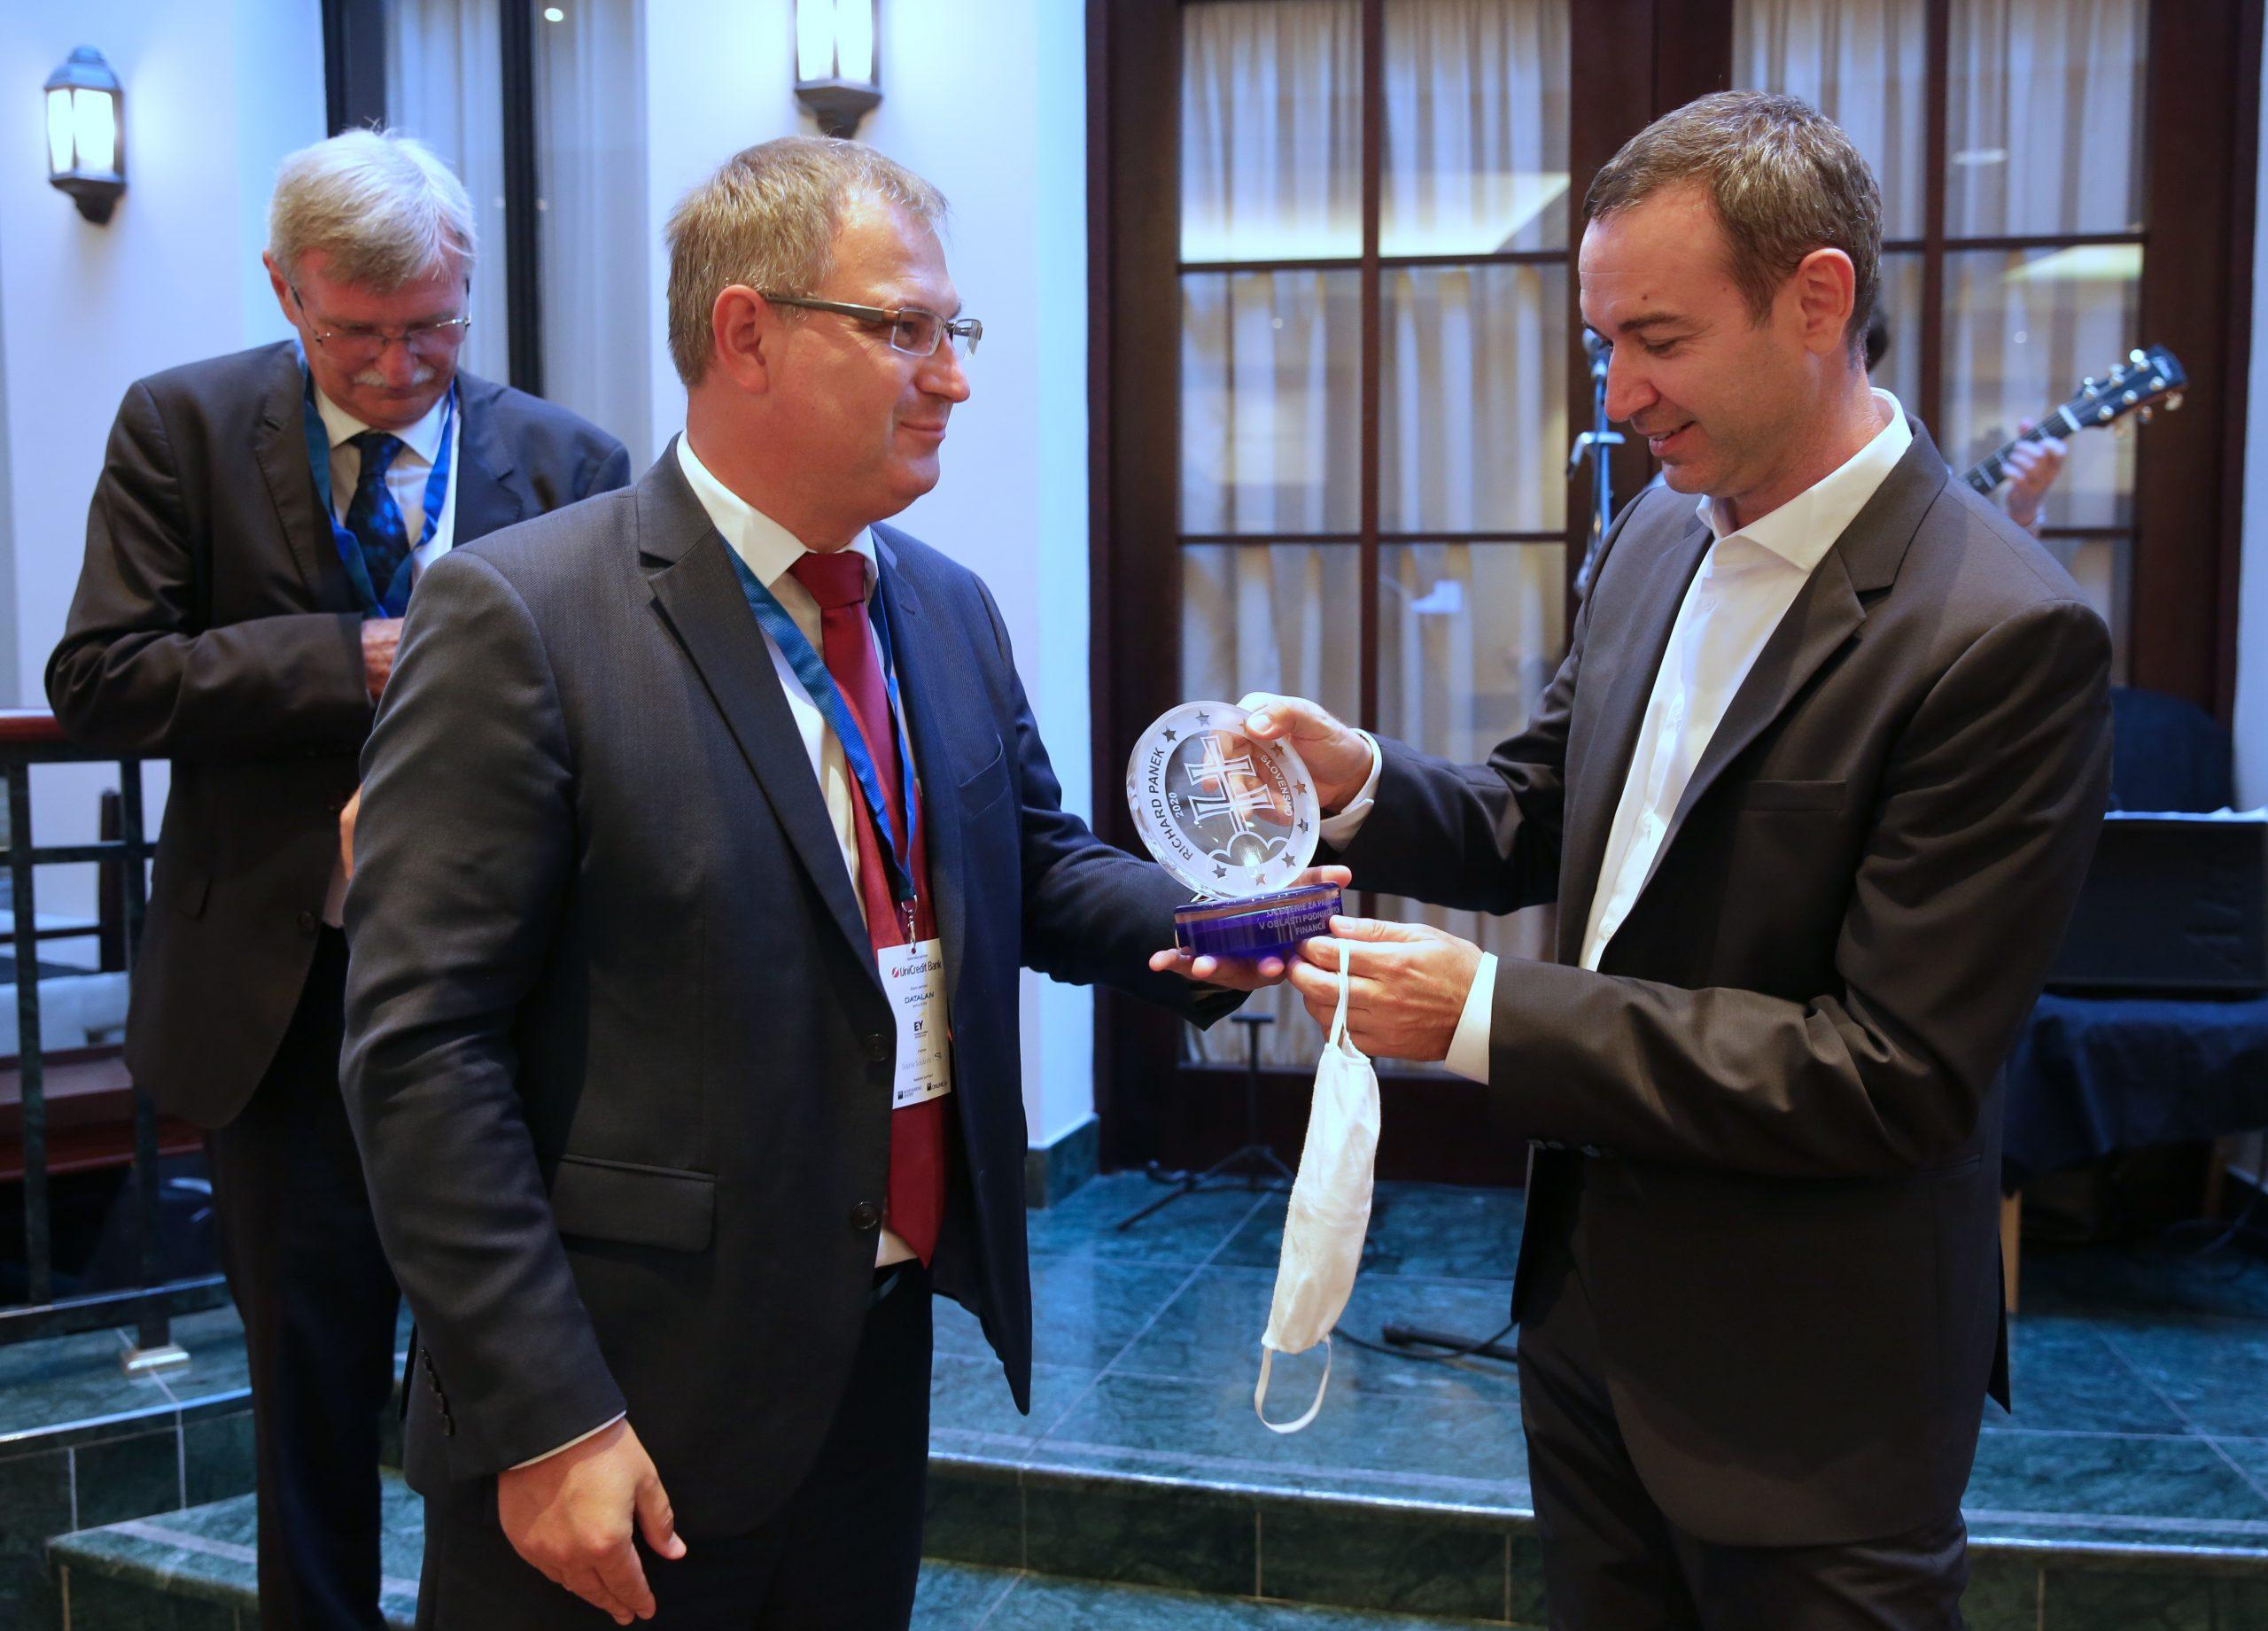 SAF Ocenenie 2020: Richard Panek